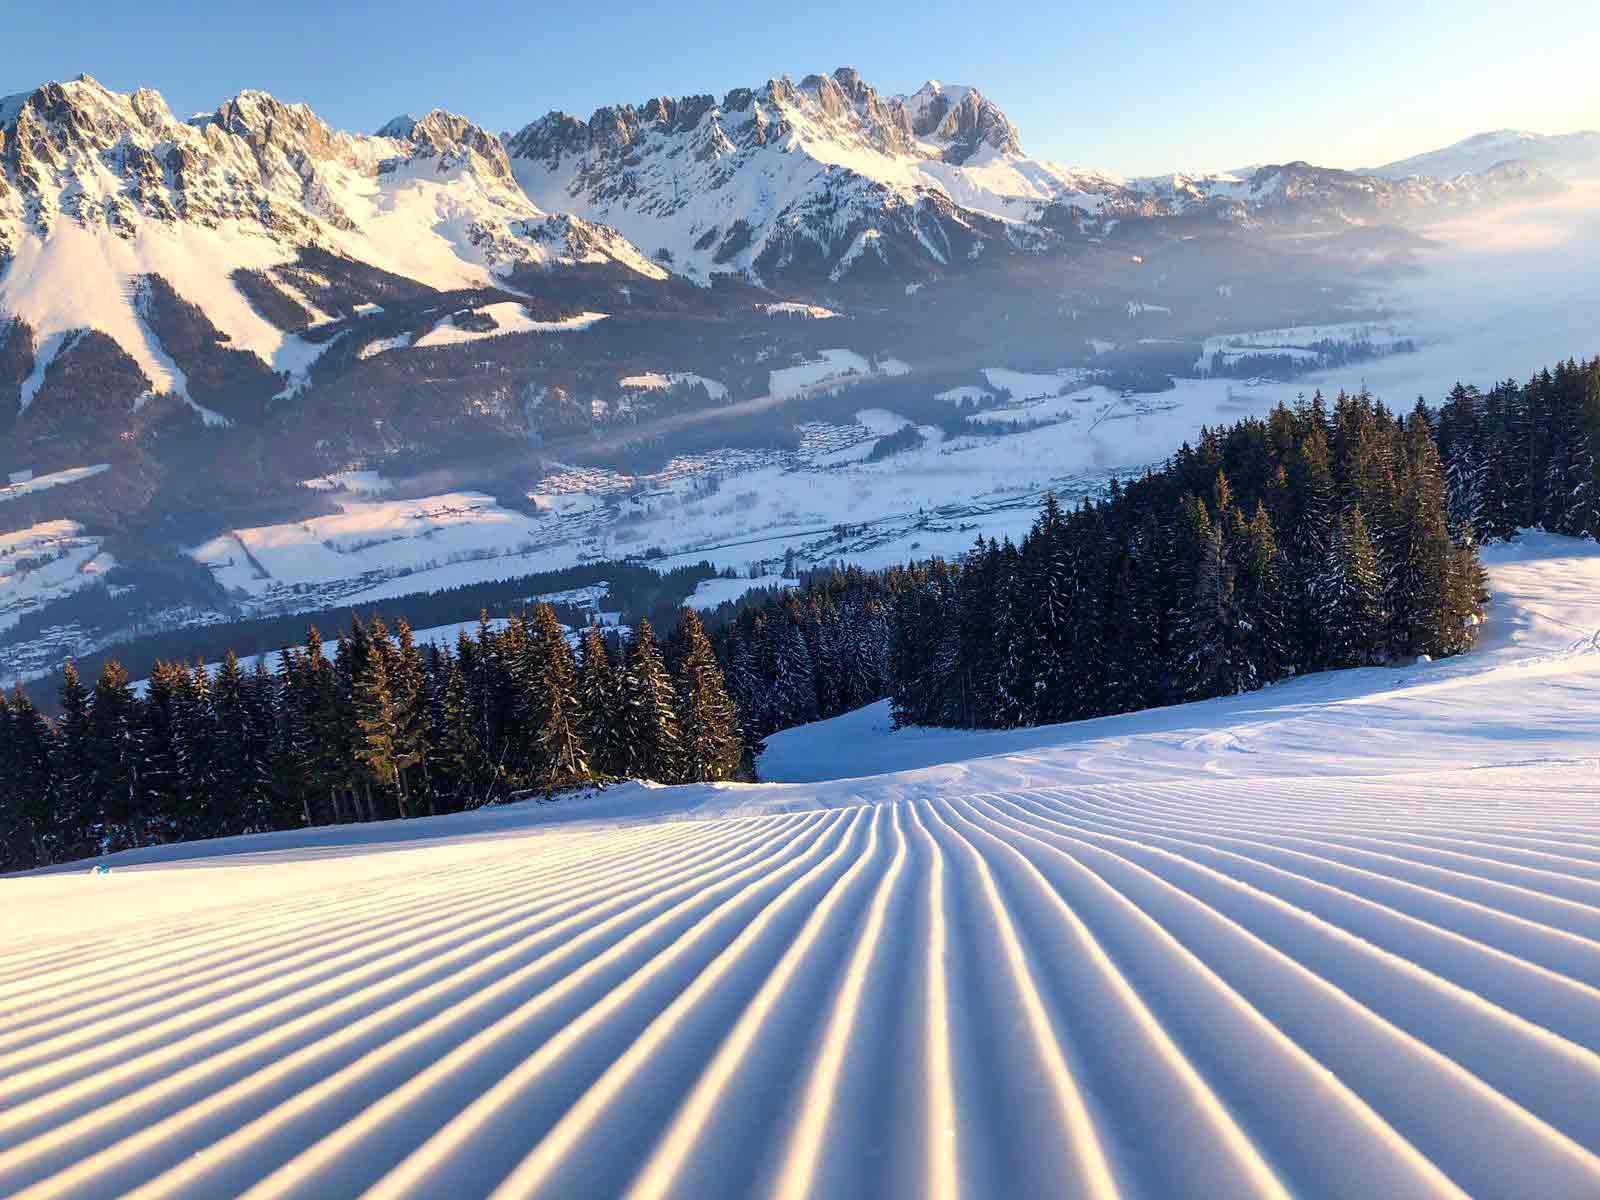 Piste met ribbeltjes in SkiWelt Wilder Kaiser - Brixental